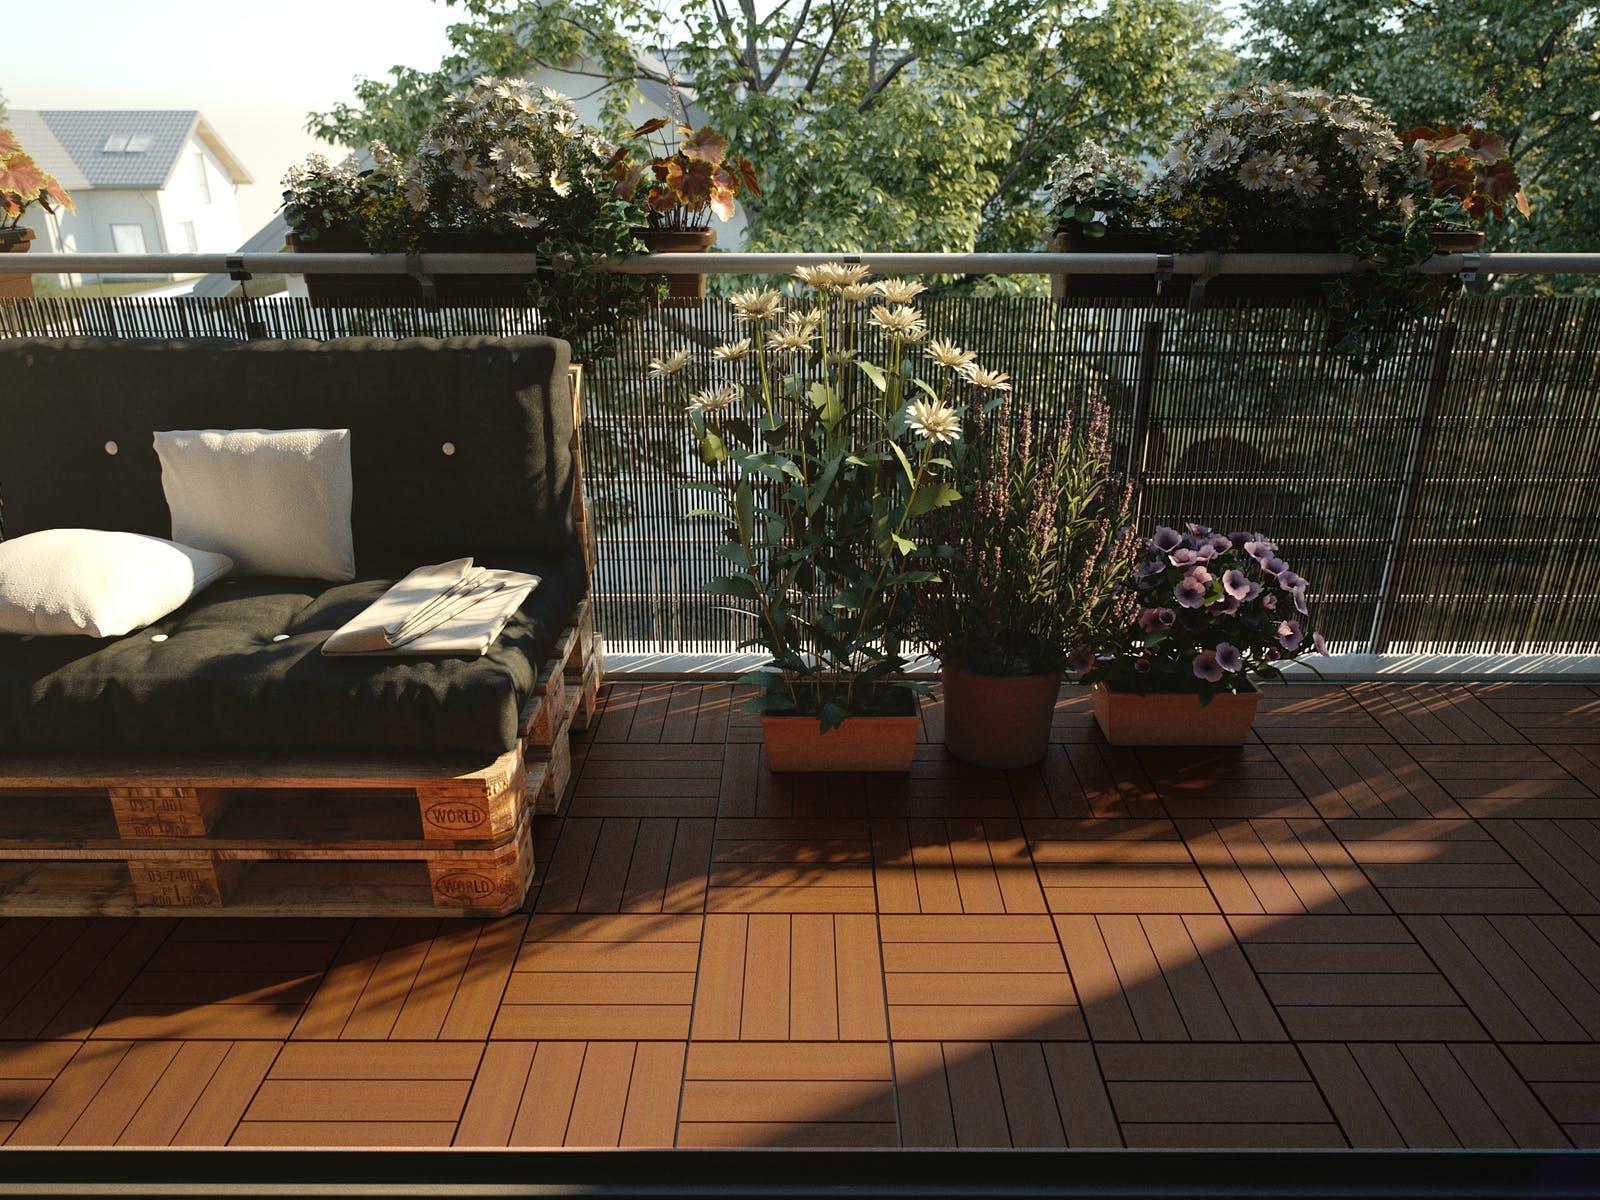 Terrassengestaltung Ideen Terrassen Gestaltungsmöglichkeiten